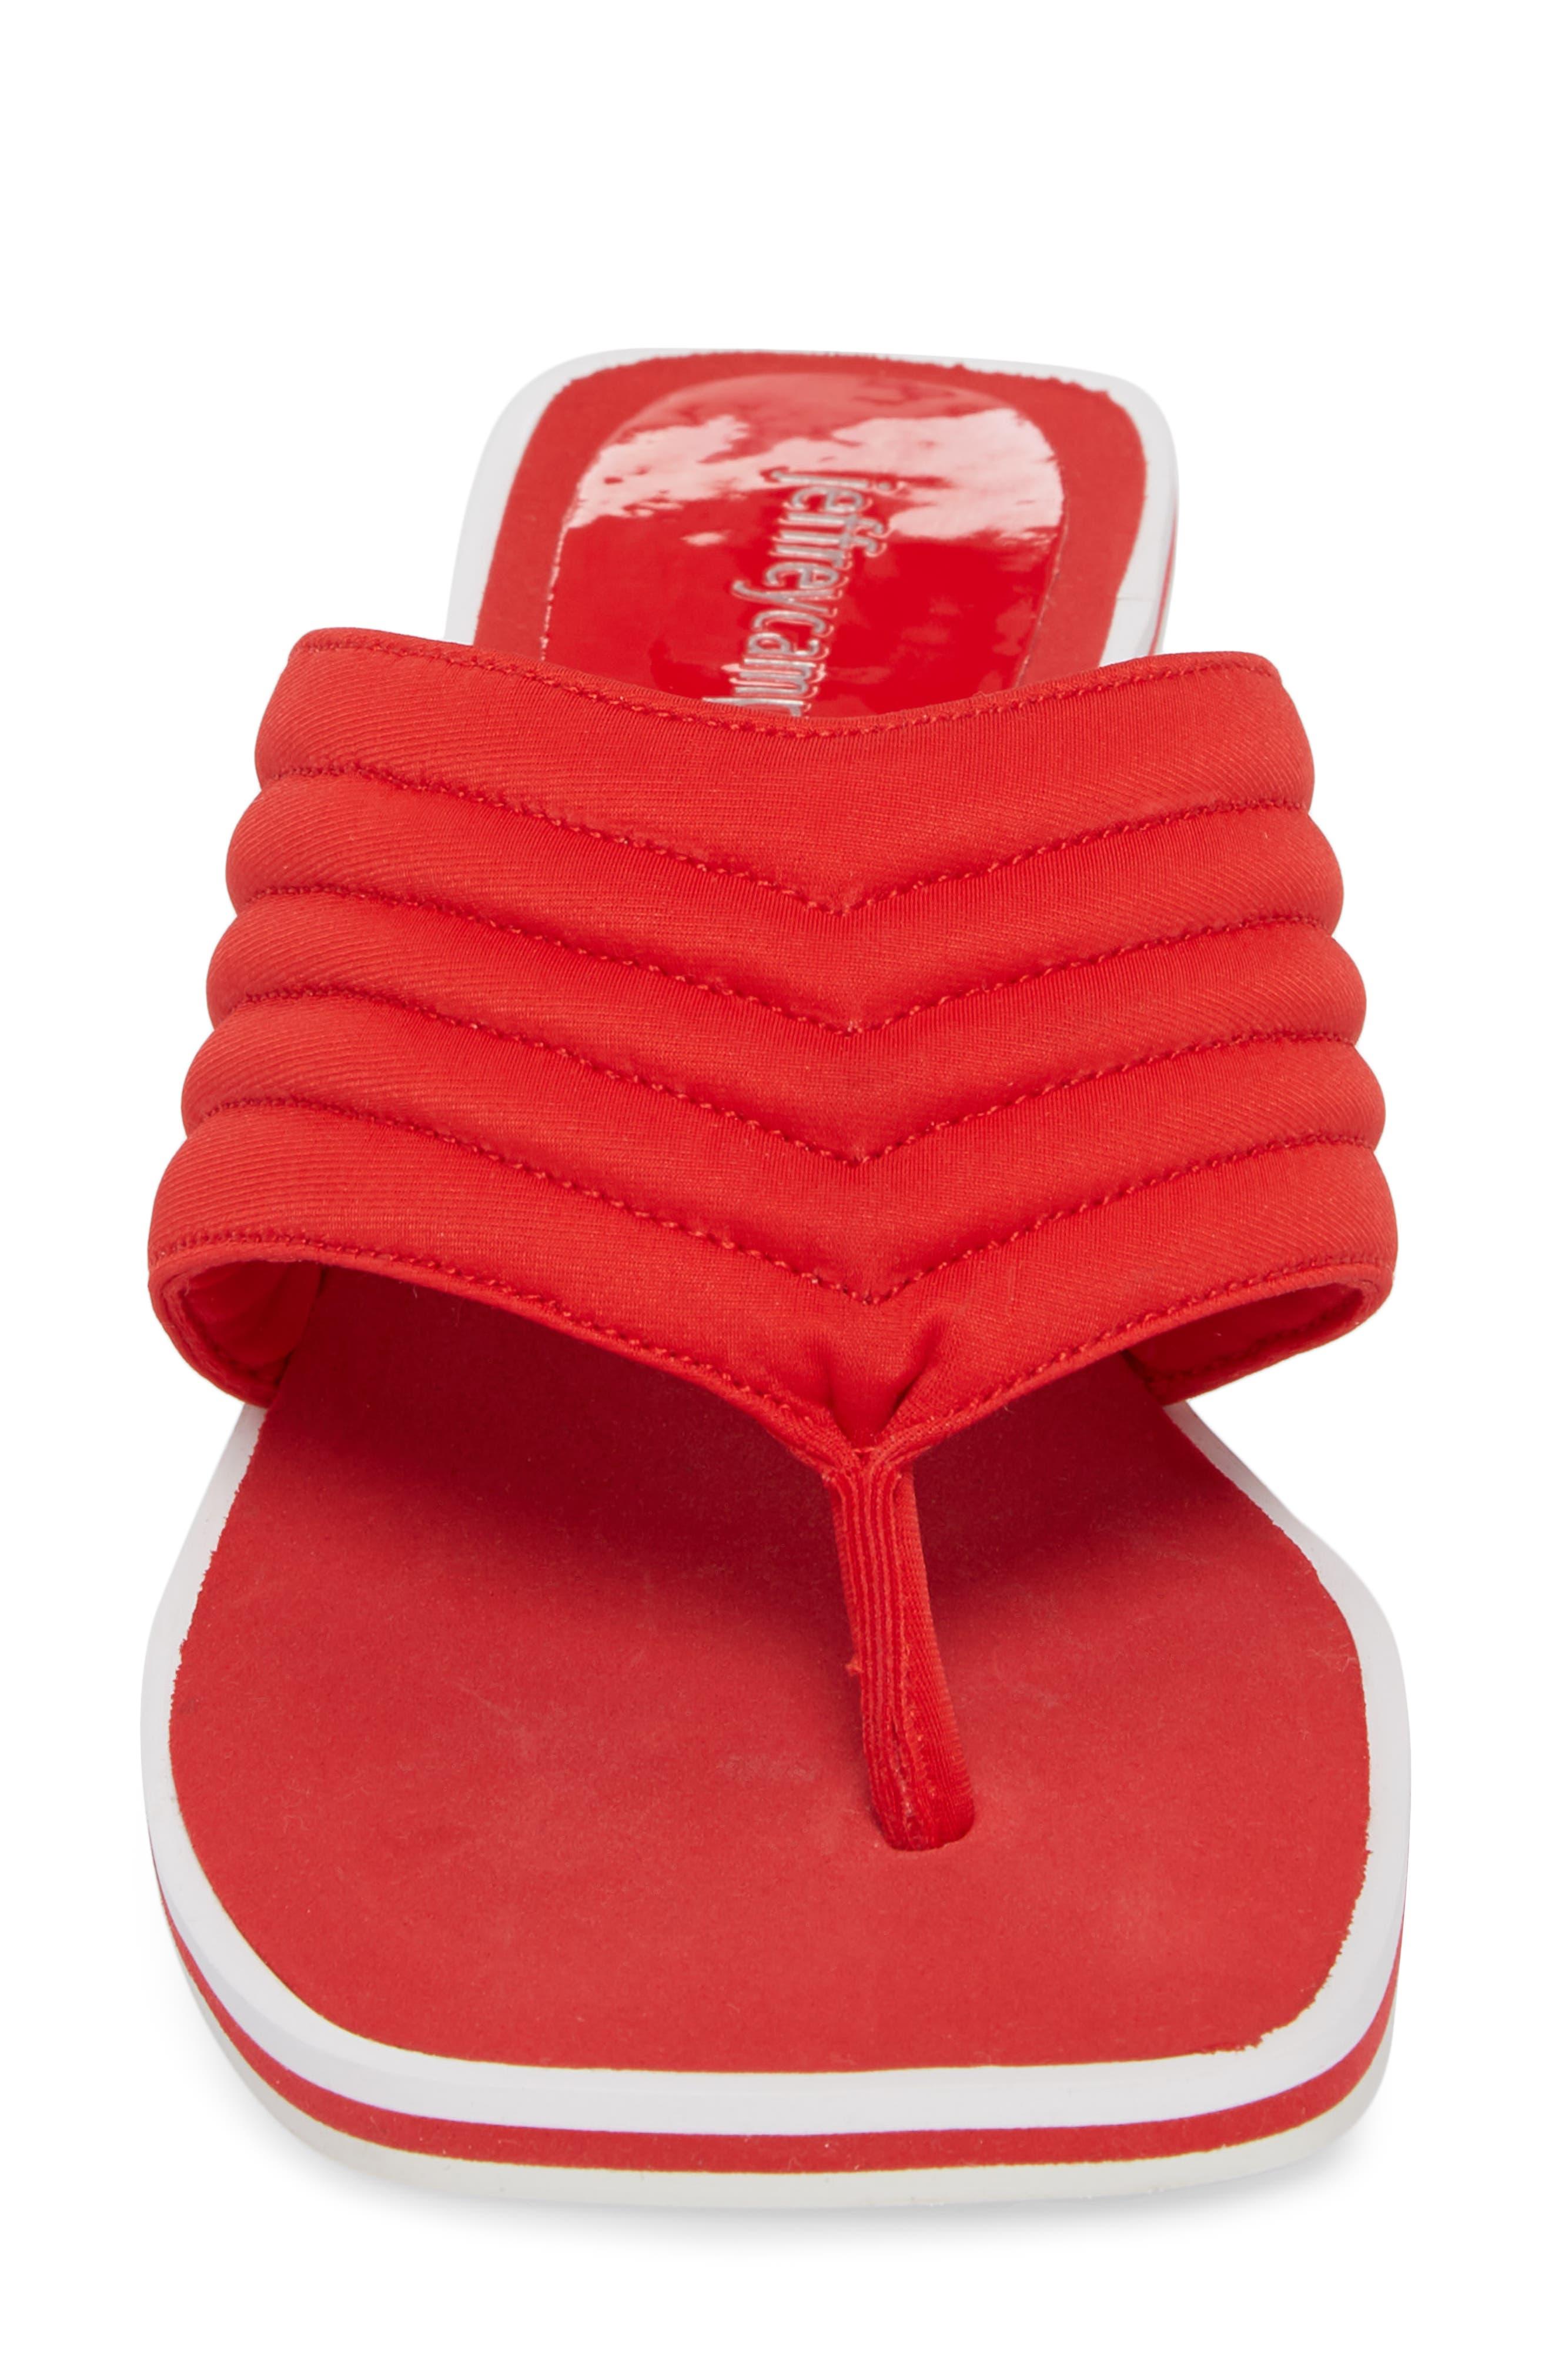 Overtime Sandal,                             Alternate thumbnail 4, color,                             Red Neorprene